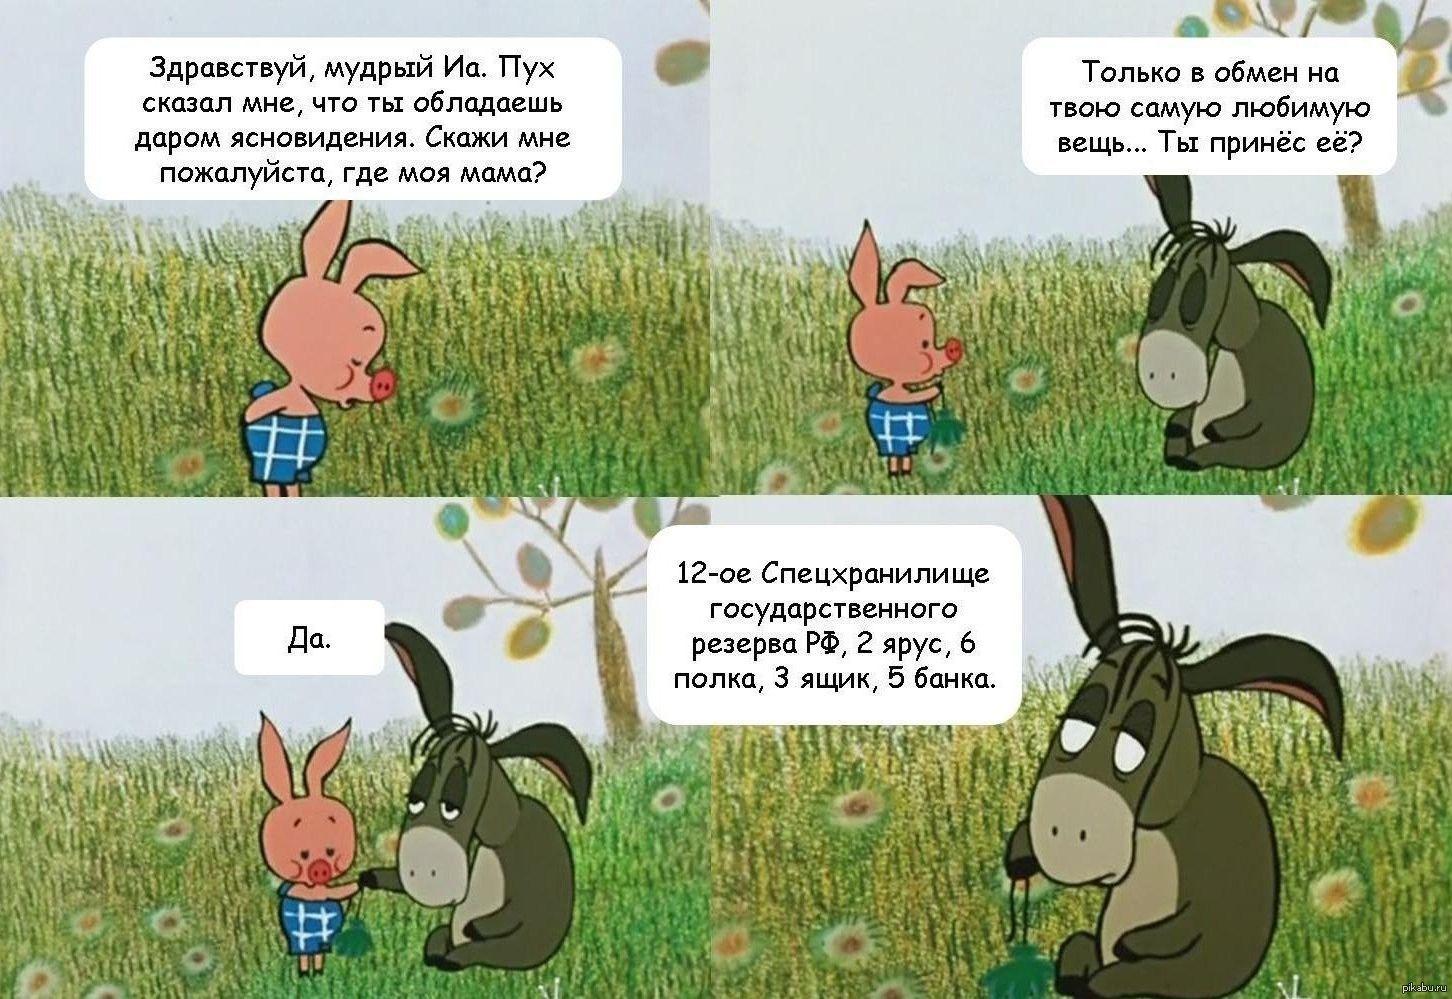 Анекдоты про Винни Пуха